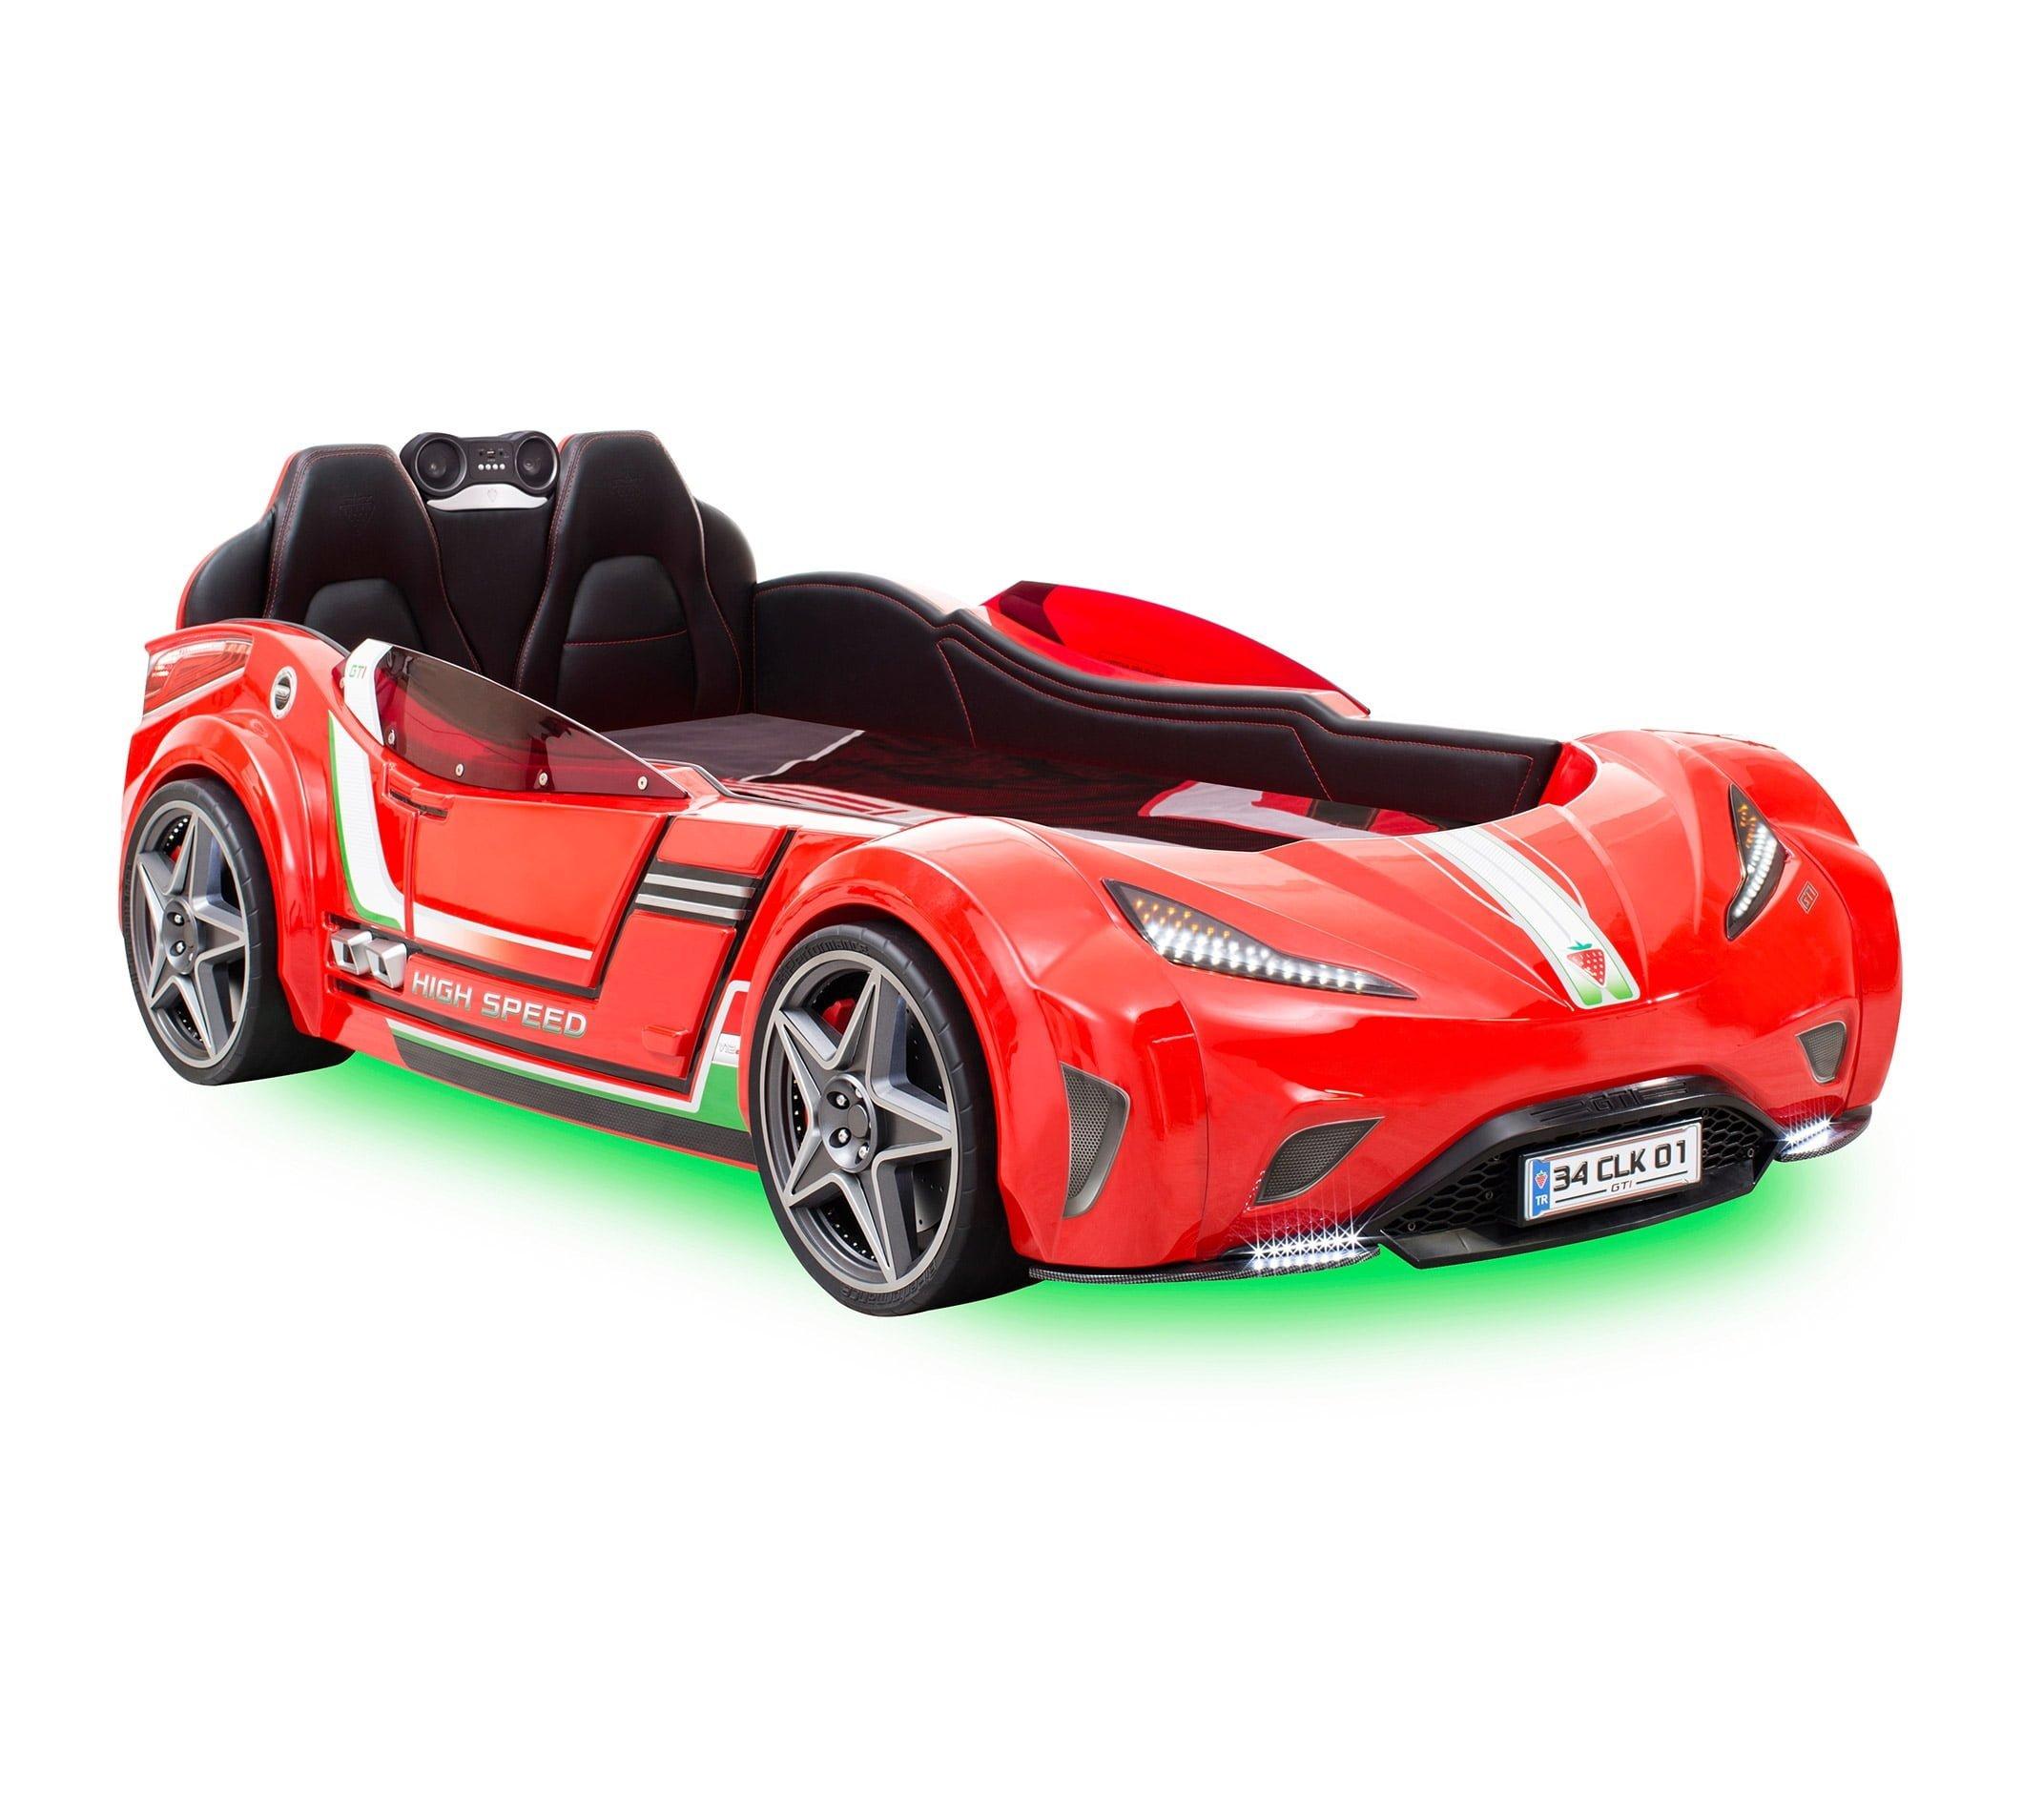 cilek-mobilya-gti-araba-karyola-kirmizi Çilek mobilya araba karyola modelleri